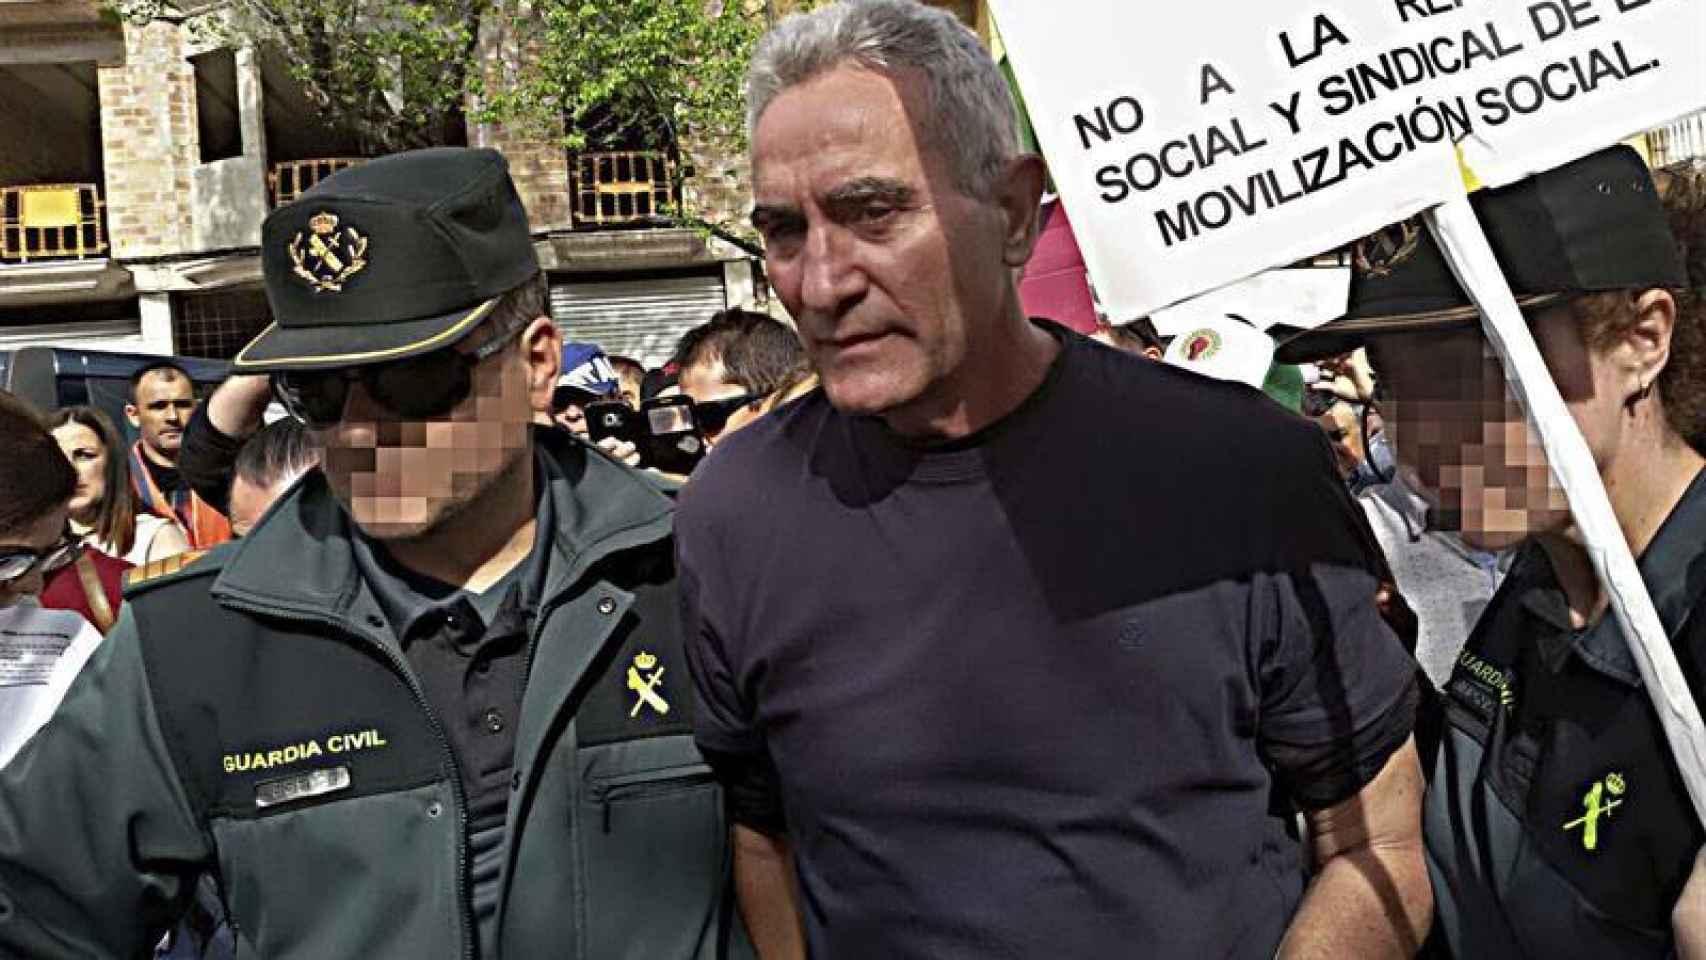 El dirigente del Sindicato Andaluz de Trabajadores (SAT) Diego Cañamero en el momento de ser detenido en Jódar (Jaén).